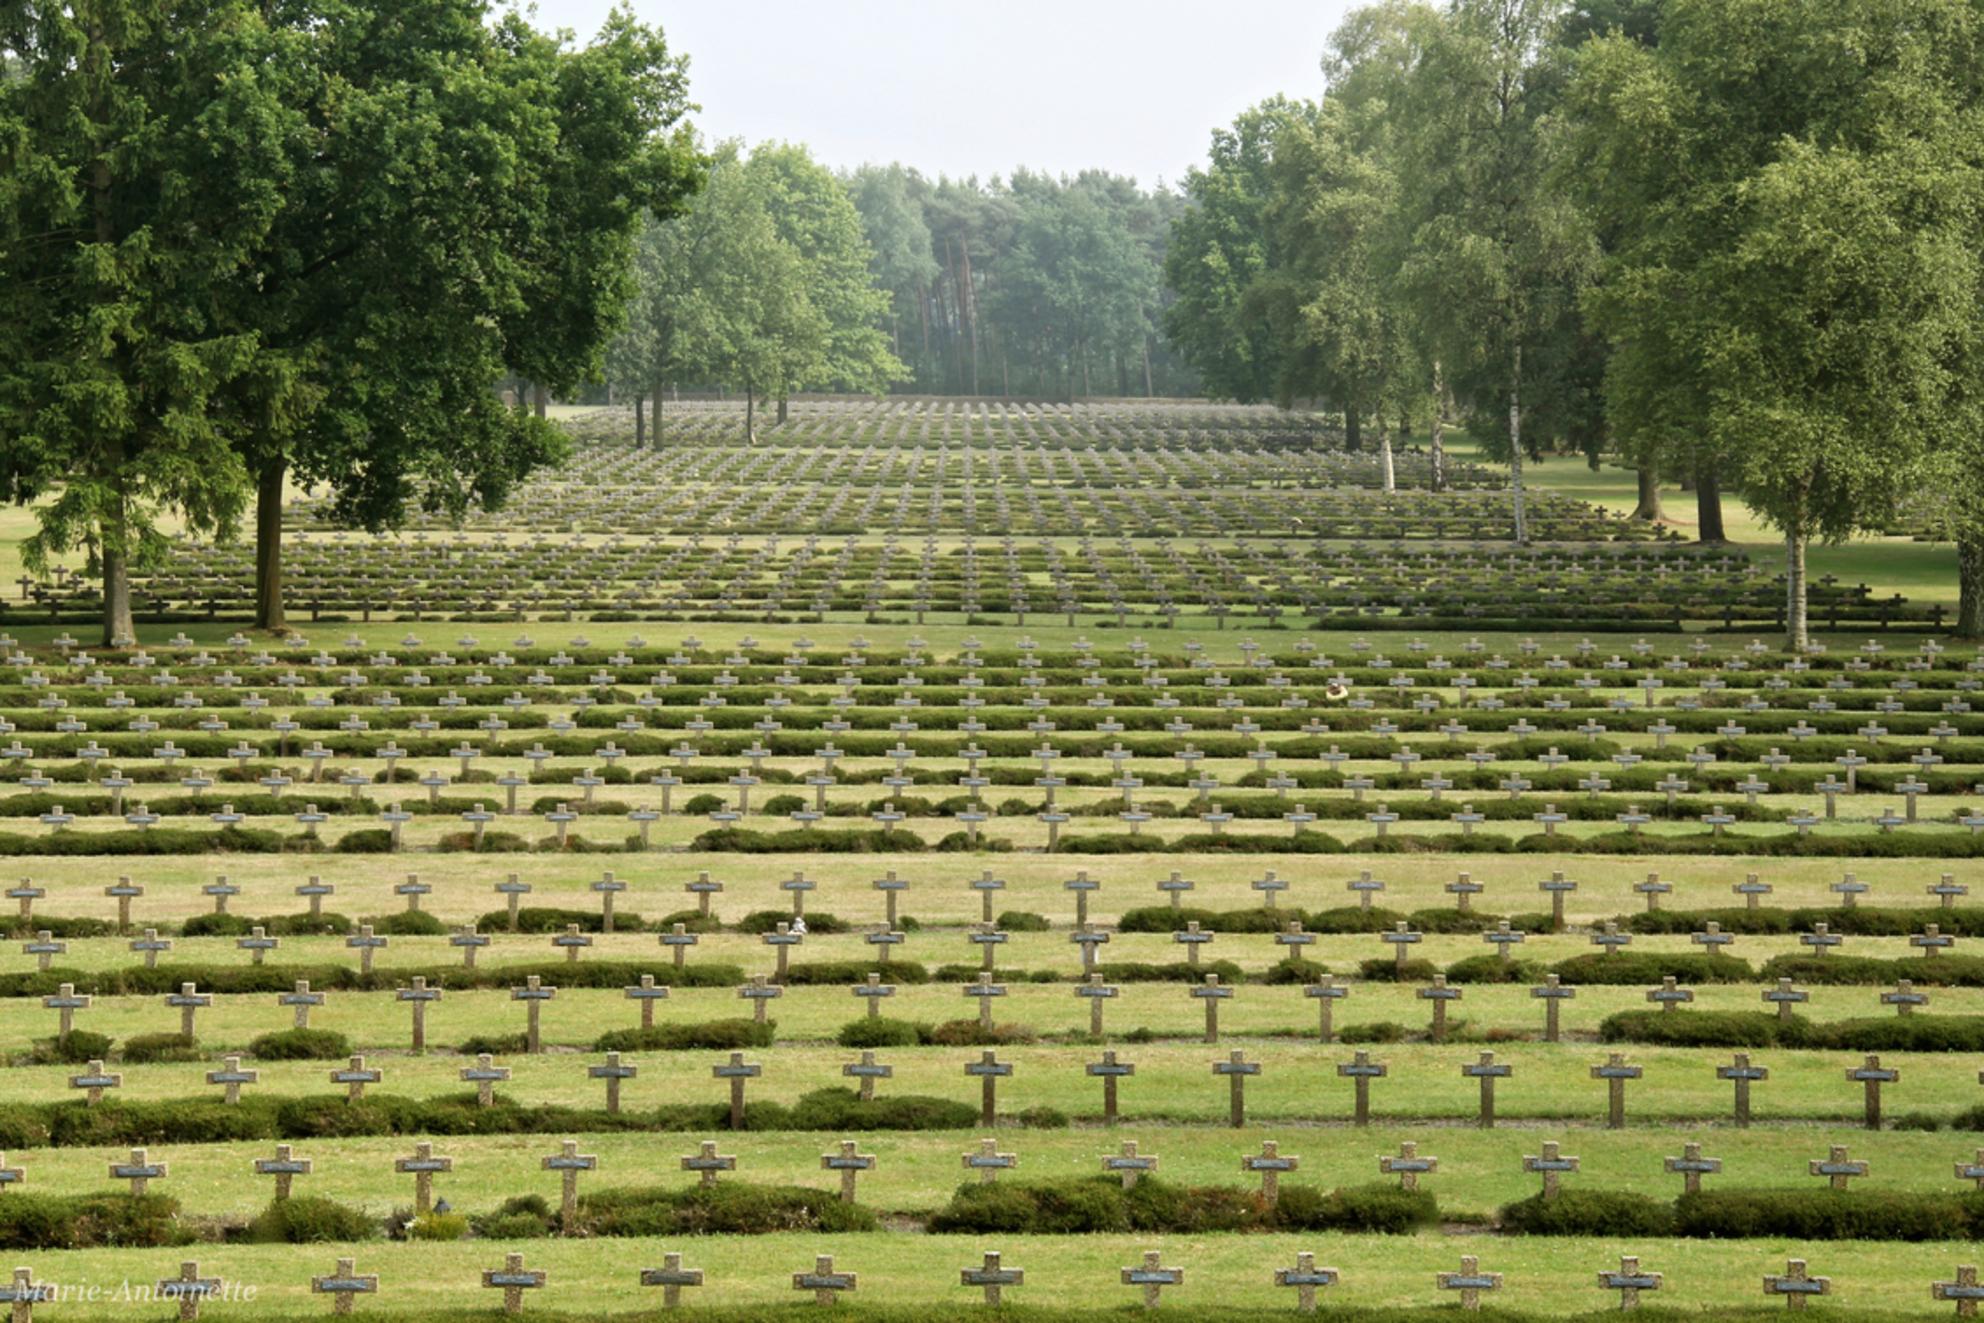 Duitse Militaire Begraafplaats Lommel - Gruwelijke plaats. Bijna 20.000 kruizen met op iedere kruis 2 namen. 39.102 Duitse doden. Hier gezien vanaf het monument, recht vooruit gezien, link - foto door Marie-Antoinette op 11-07-2014 - deze foto bevat: kerkhof, militair, duits, lommel - Deze foto mag gebruikt worden in een Zoom.nl publicatie